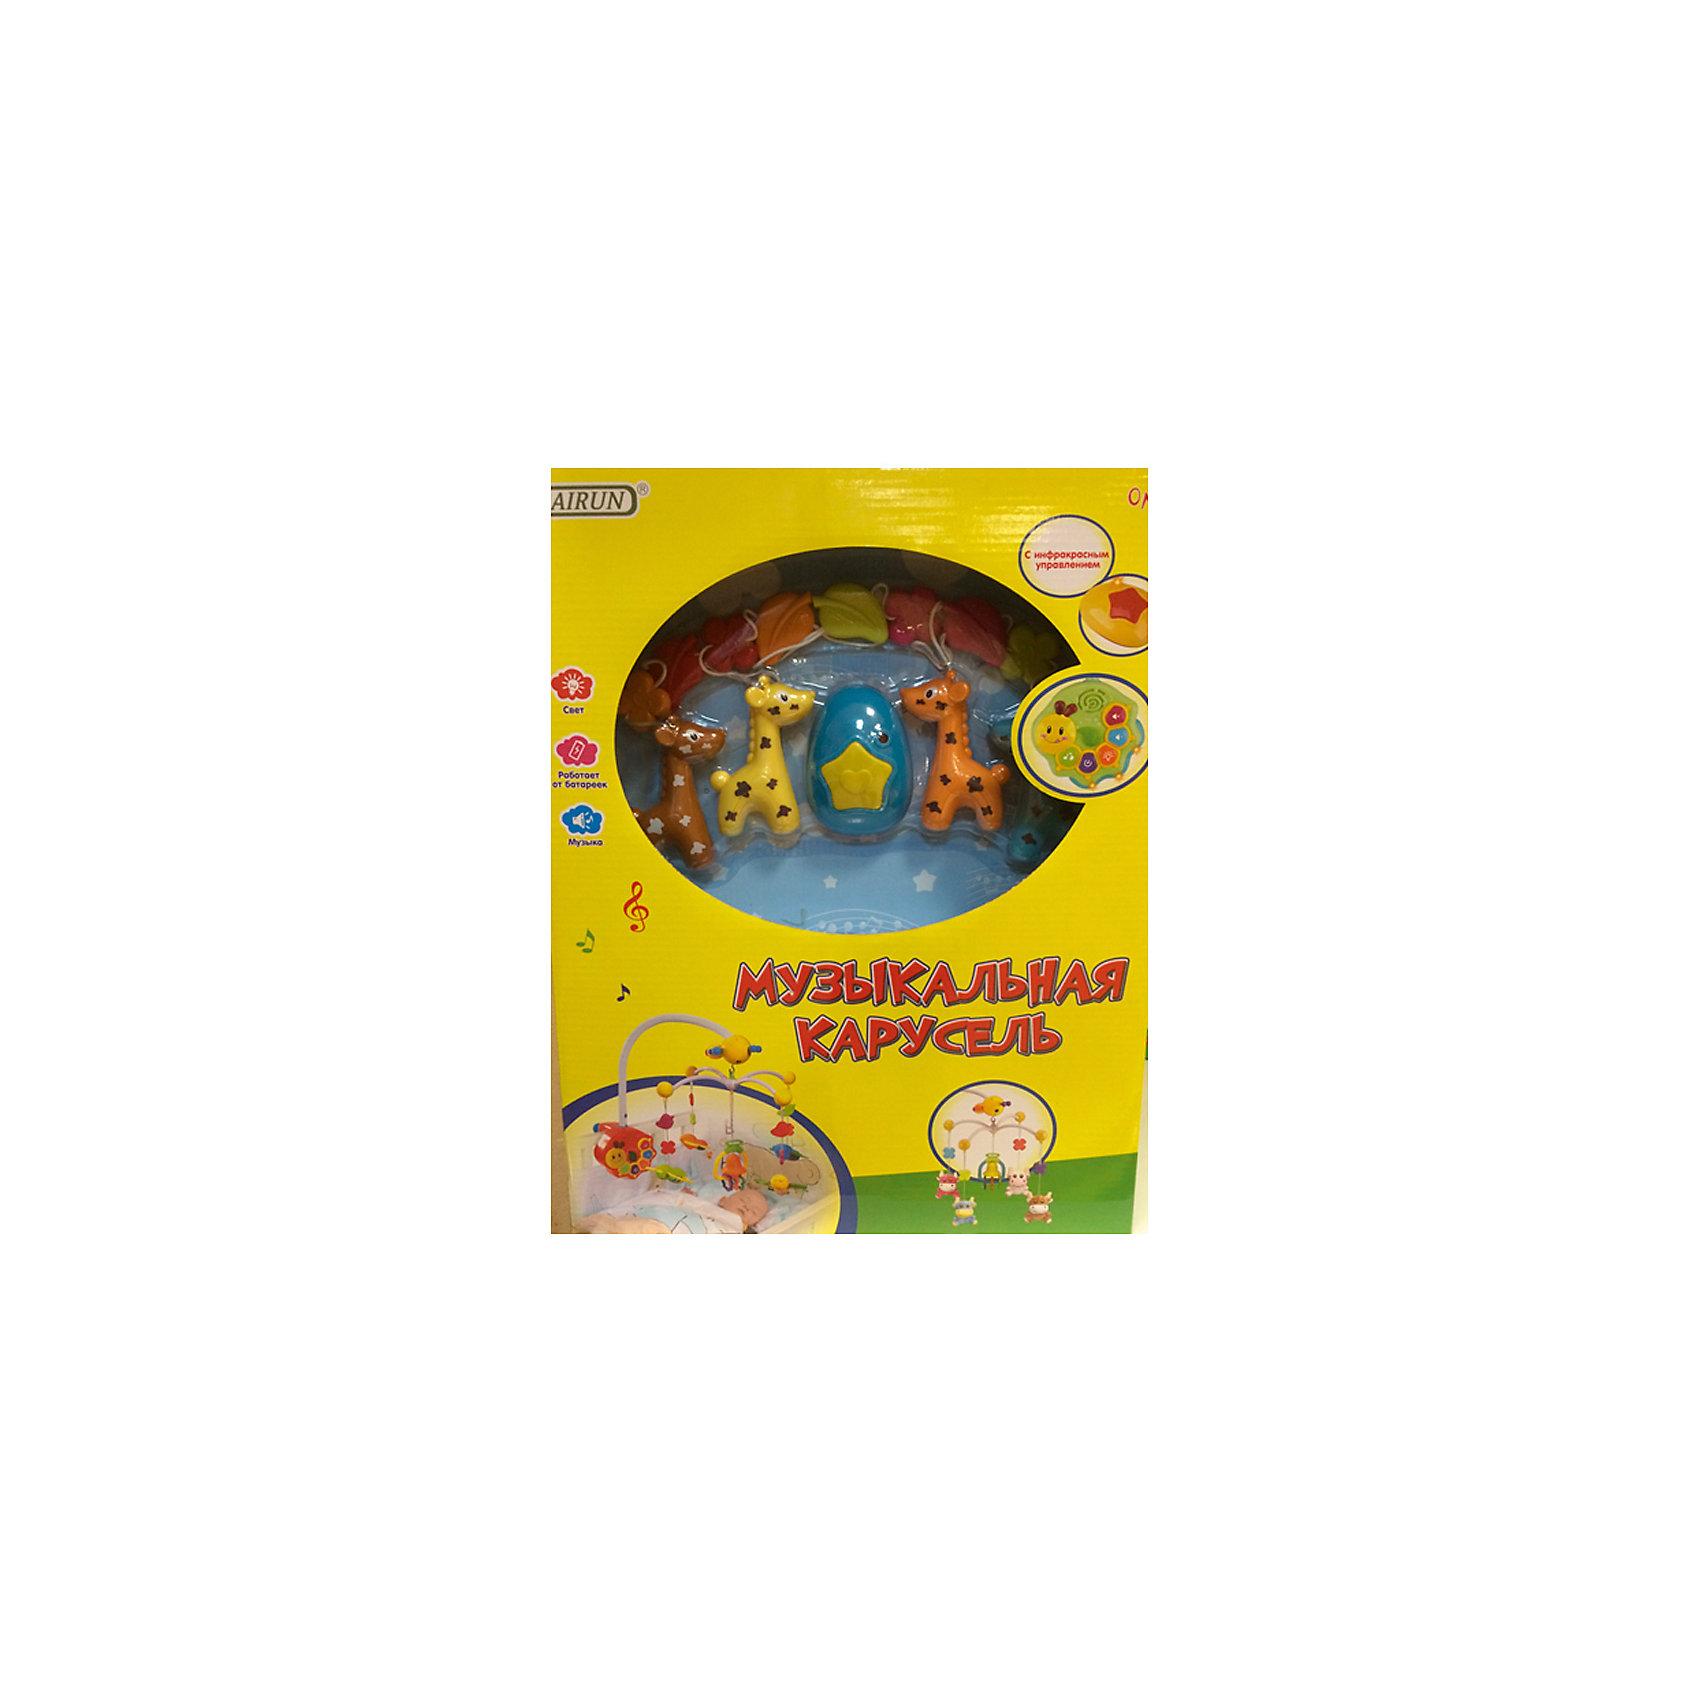 Детская игрушка Музыкальная карусельМузыкальные инструменты и игрушки<br>Музыкальная подвеска работает по принципу карусели крепиться с  помощью специального зажима на детскую кроватку. В комплекте есть пульт управления в виде улитки, с его помощью можно включать и выключать ночник, мелодии, отрегулировать громкость. Также включается сама каруселька в виде веселых жирафиков, которые вращаются по своей оси. Все элементы выполнены в ярких цветах, что привлекает внимание малыша, способствует развитию его цветового восприятия.<br>Когда малыш подрастет, игрушки можно будет снять и использовать отдельно. Игрушка<br>работает от батареек: 4 * АА (не входят в комплект). <br><br>Дополнительная информация:<br> <br>- материал: пластик.<br>- упаковка: картонная коробка блистерного типа.<br>- регулировка громкости: есть.<br>- пол: для мальчиков и девочек<br>- тип батареек: на батарейках.<br><br>Детскую  игрушку Музыкальная карусель торговой марки Bairun можно купить в нашем интернет-магазине.<br><br>Ширина мм: 340<br>Глубина мм: 180<br>Высота мм: 430<br>Вес г: 1780<br>Возраст от месяцев: -2147483648<br>Возраст до месяцев: 2147483647<br>Пол: Унисекс<br>Возраст: Детский<br>SKU: 4904798